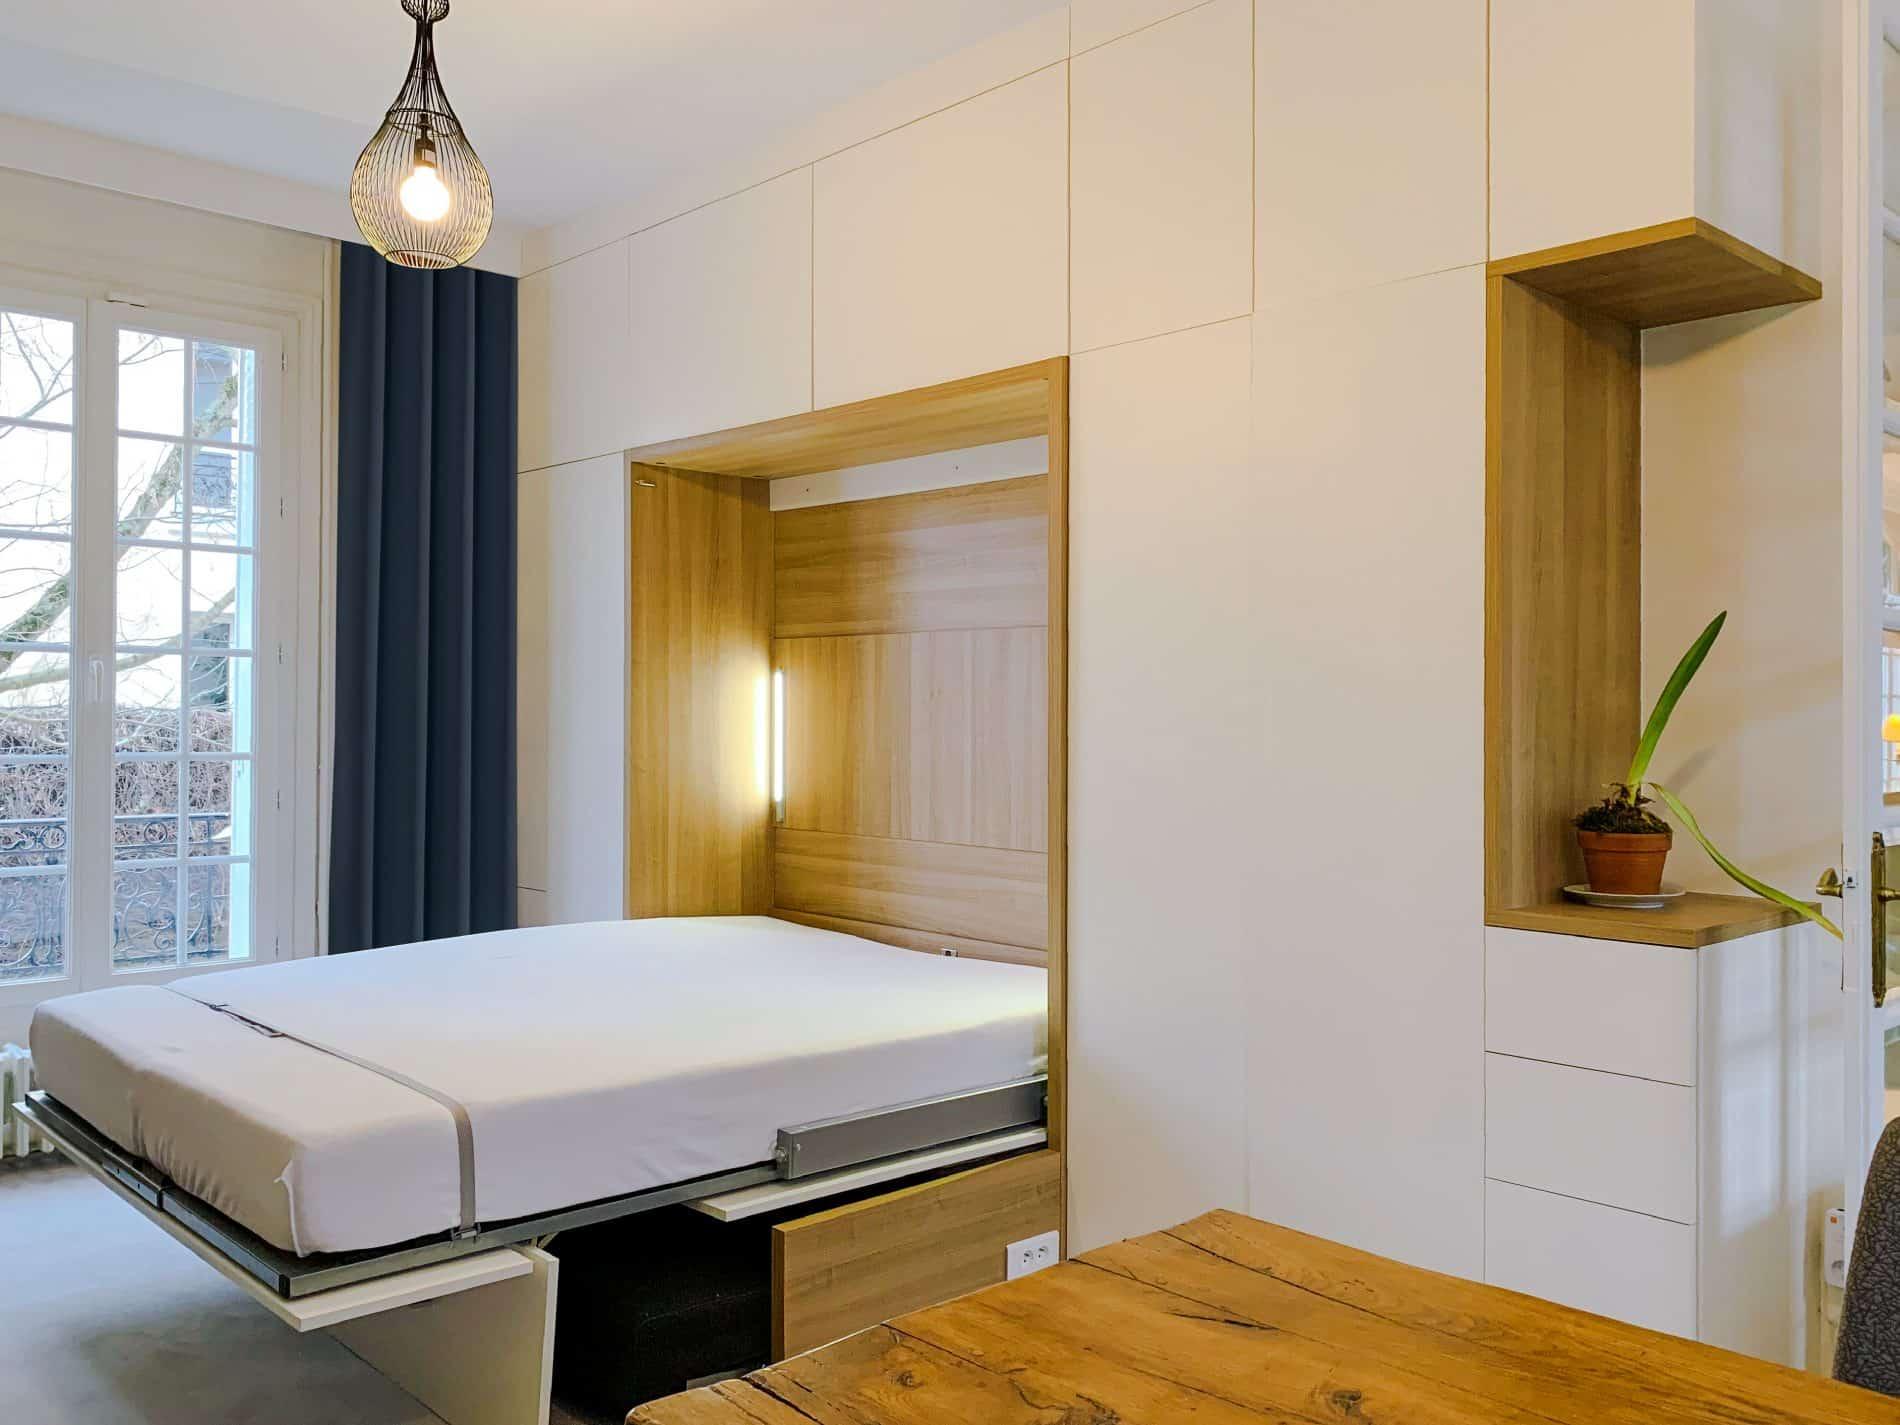 lit rabattable blanc et bois clair ouvert